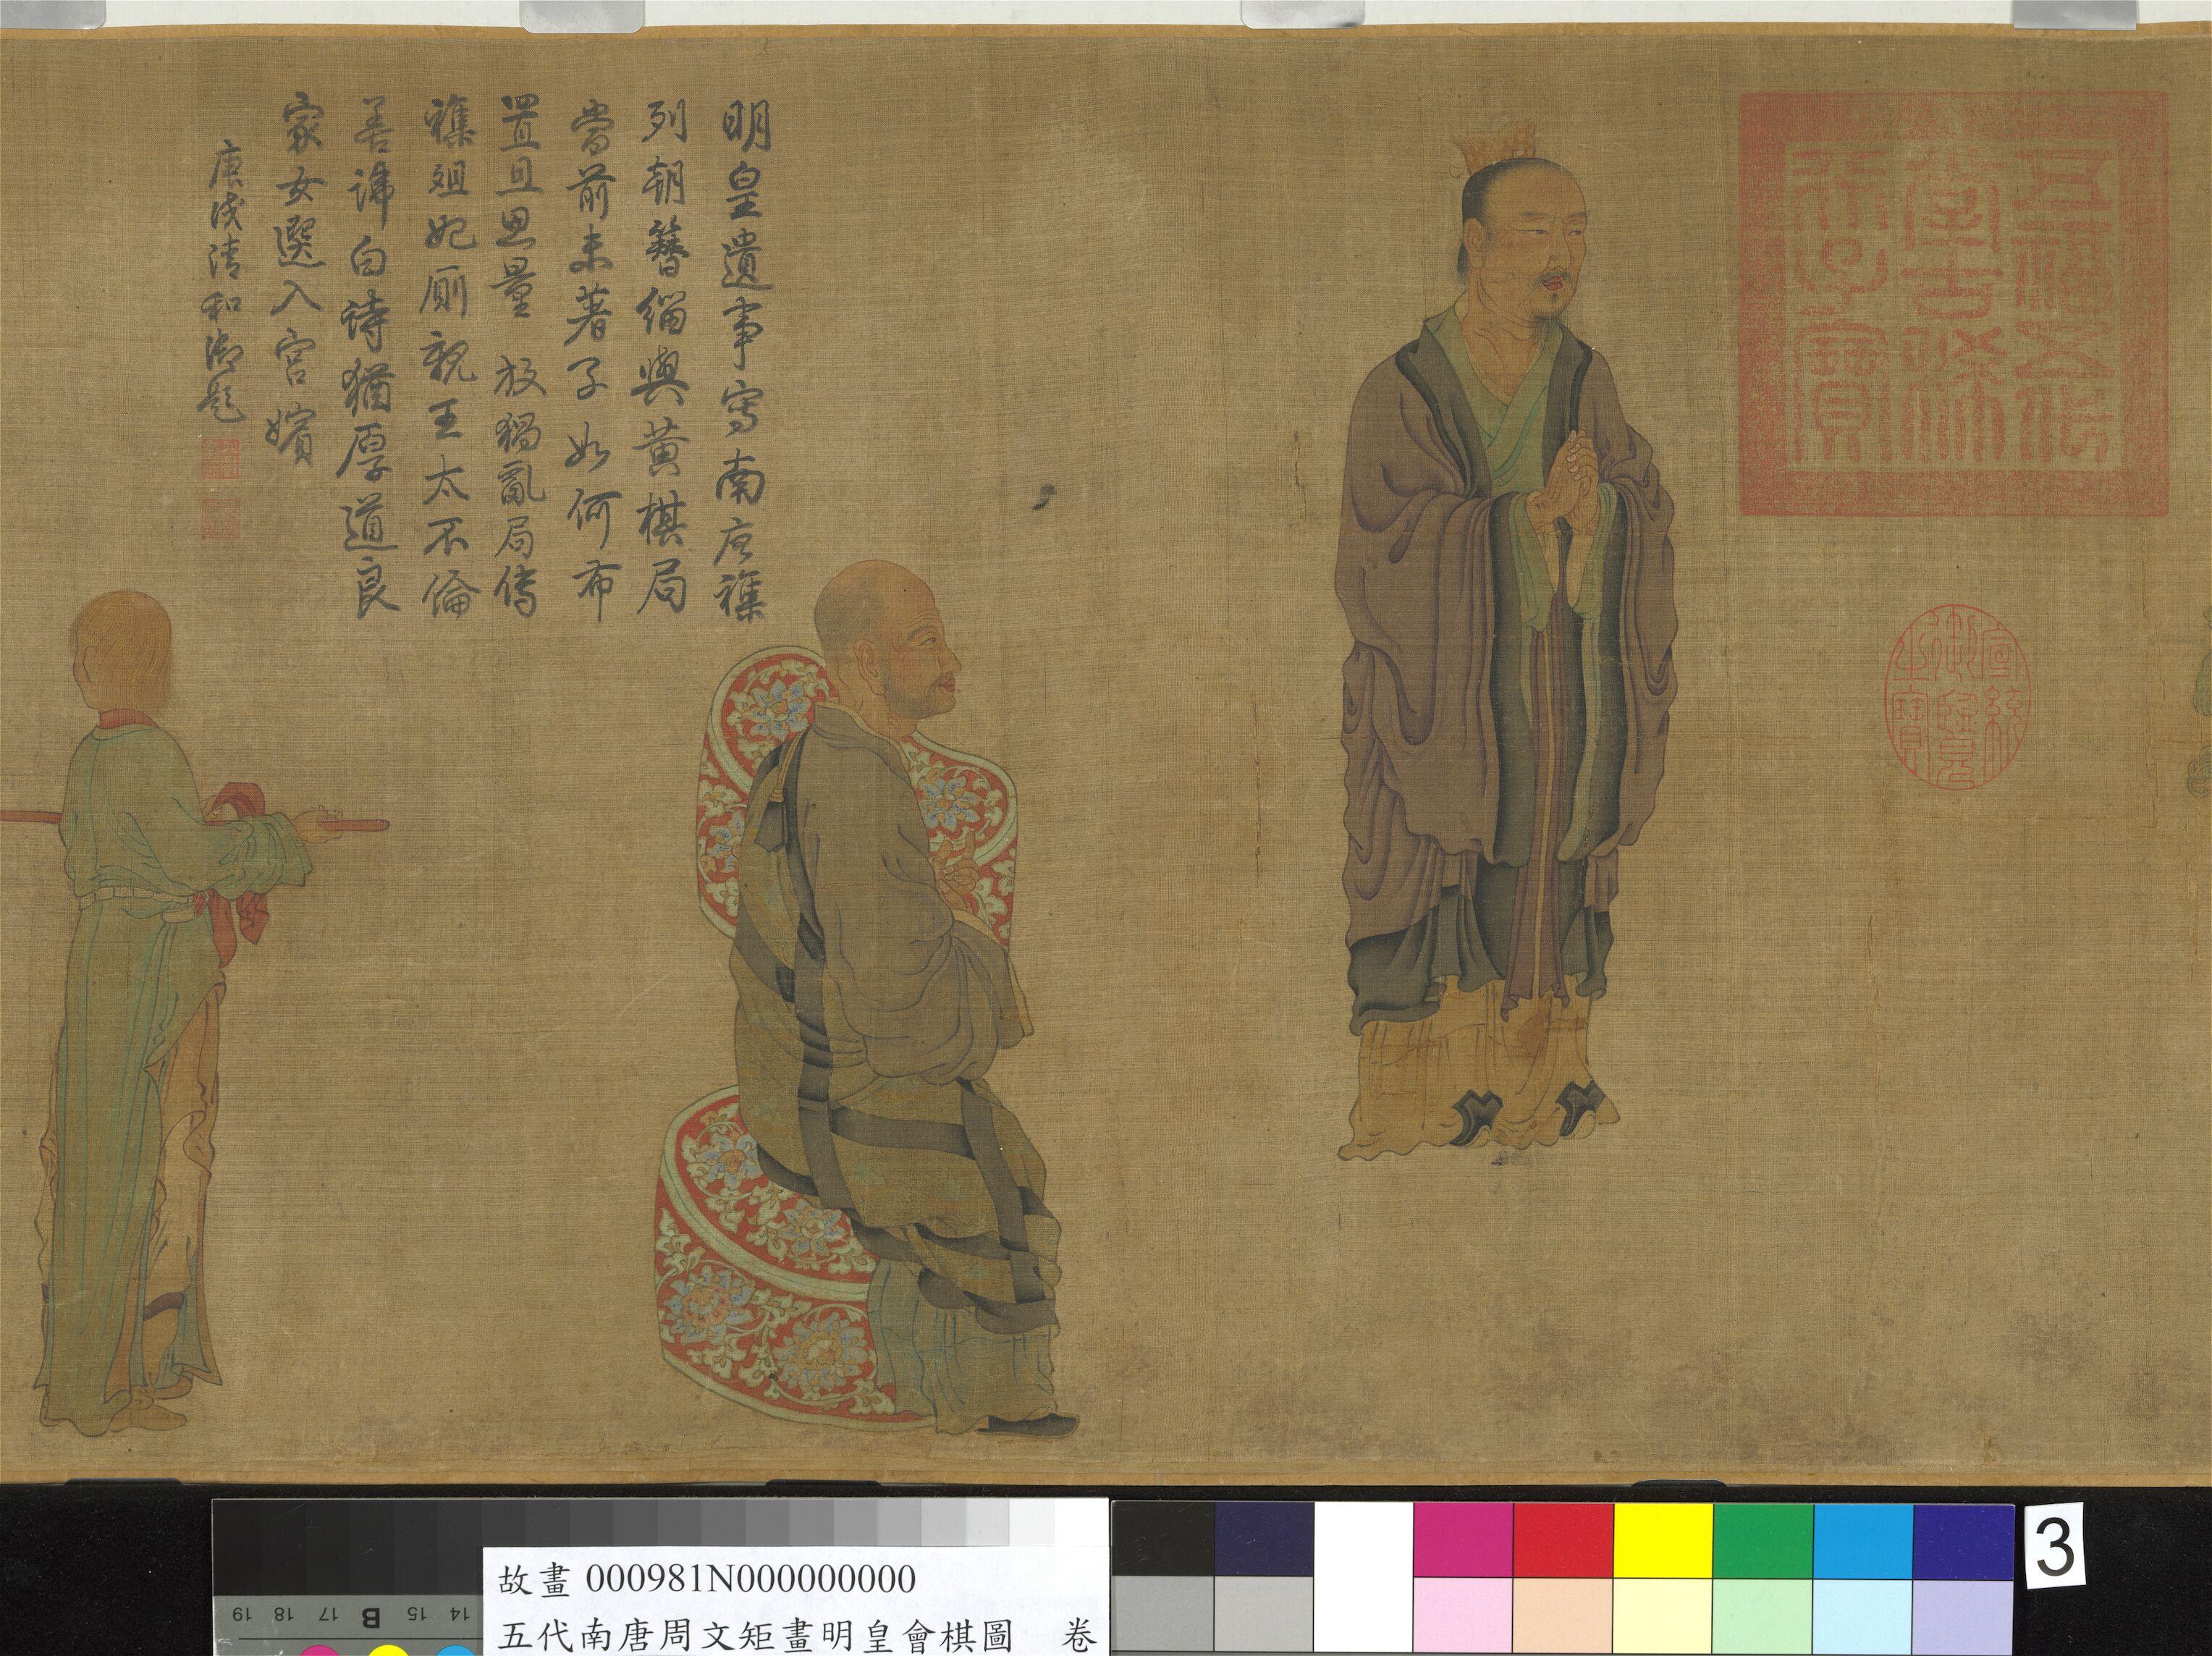 五代南唐画明皇会棋图卷 五代 周文矩 台北故宫博物院